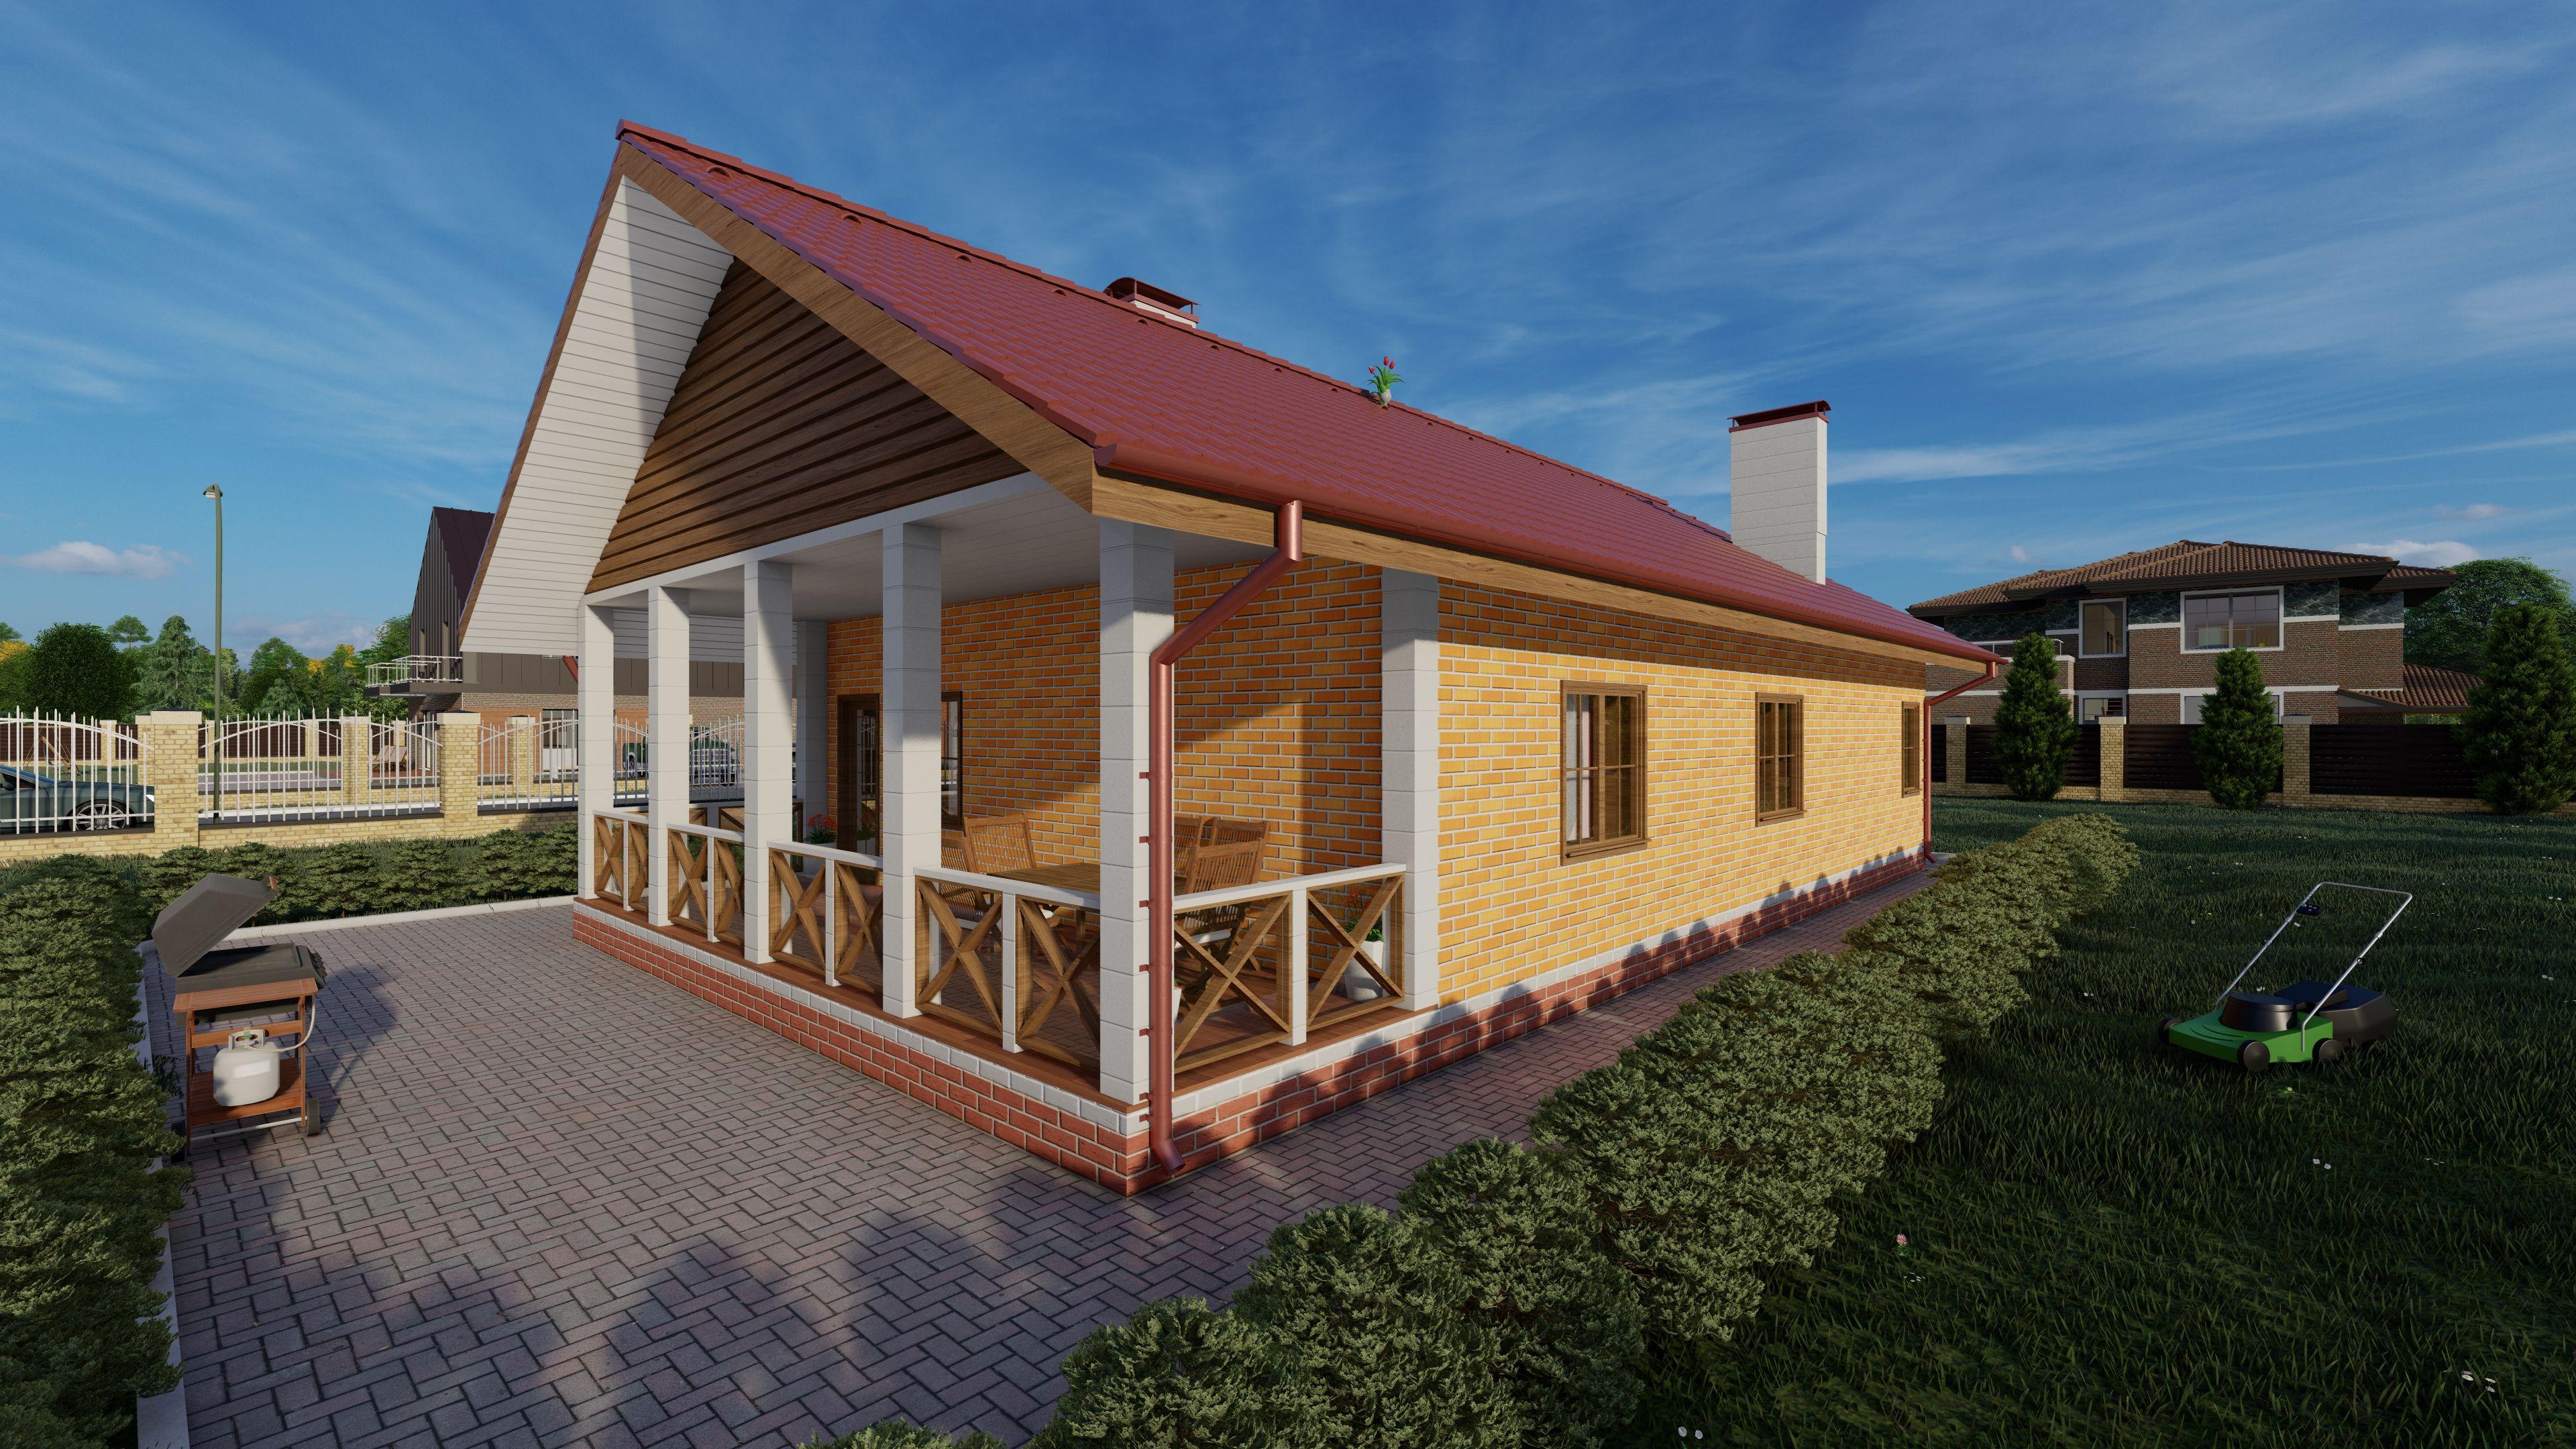 Готовый проект дома 83 кв.м // Артикул АЮ-180 фасад